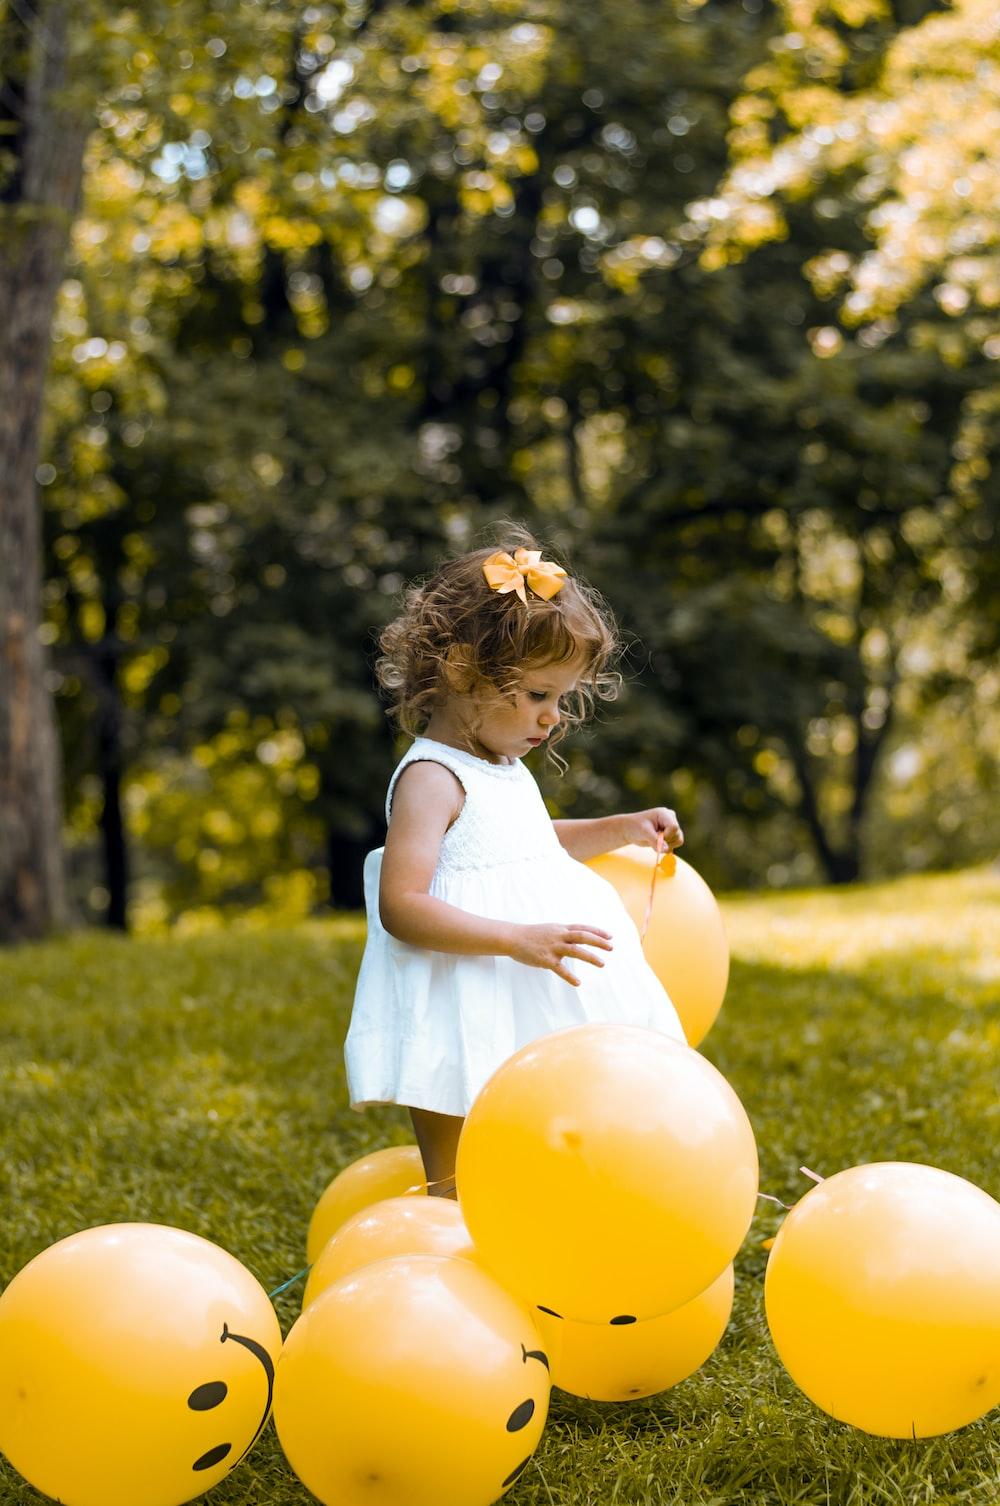 girl wearing white sleeveless dress beside balloons